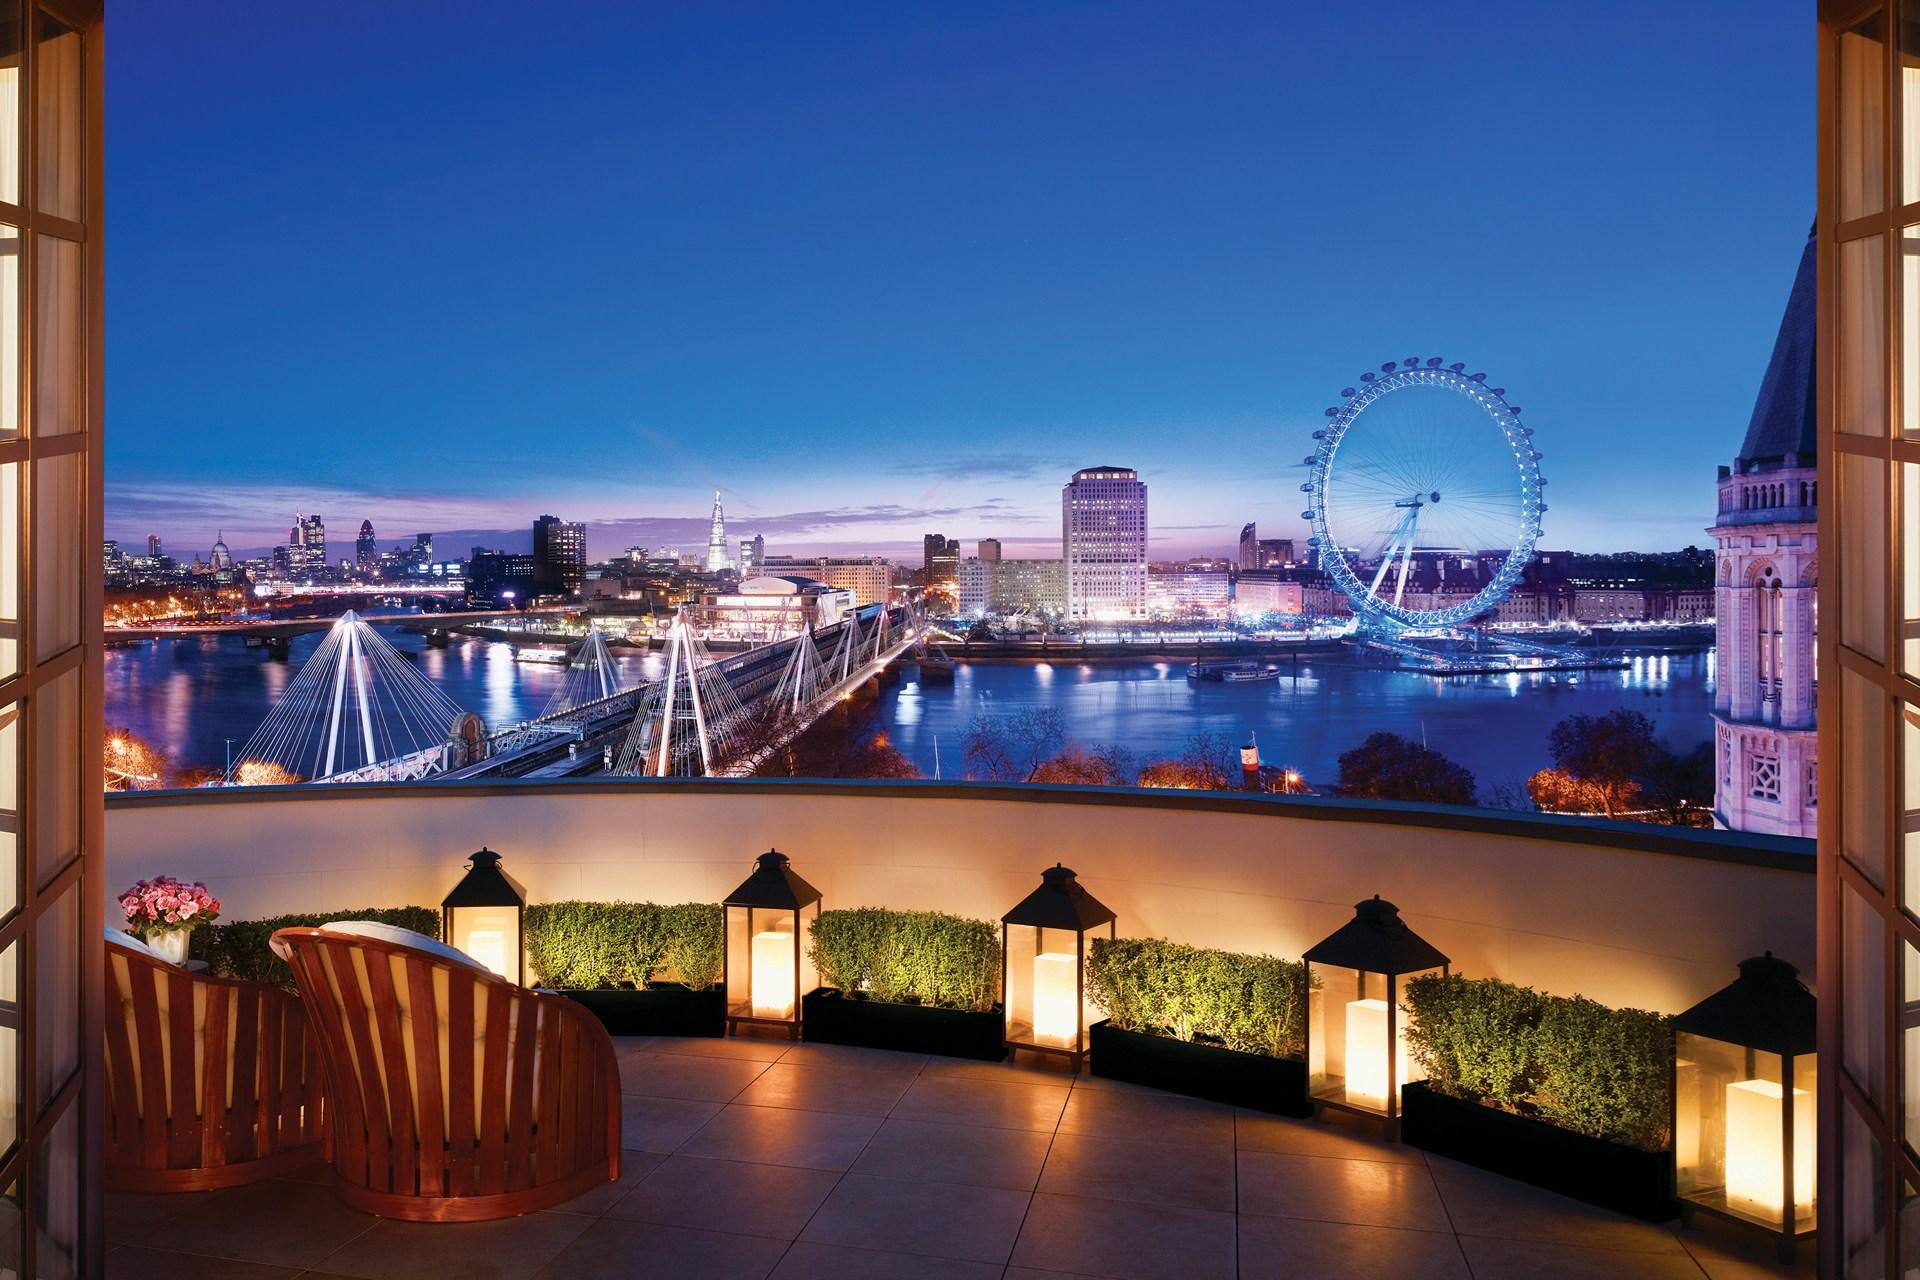 решила фото ночного лондона из окна покрывала